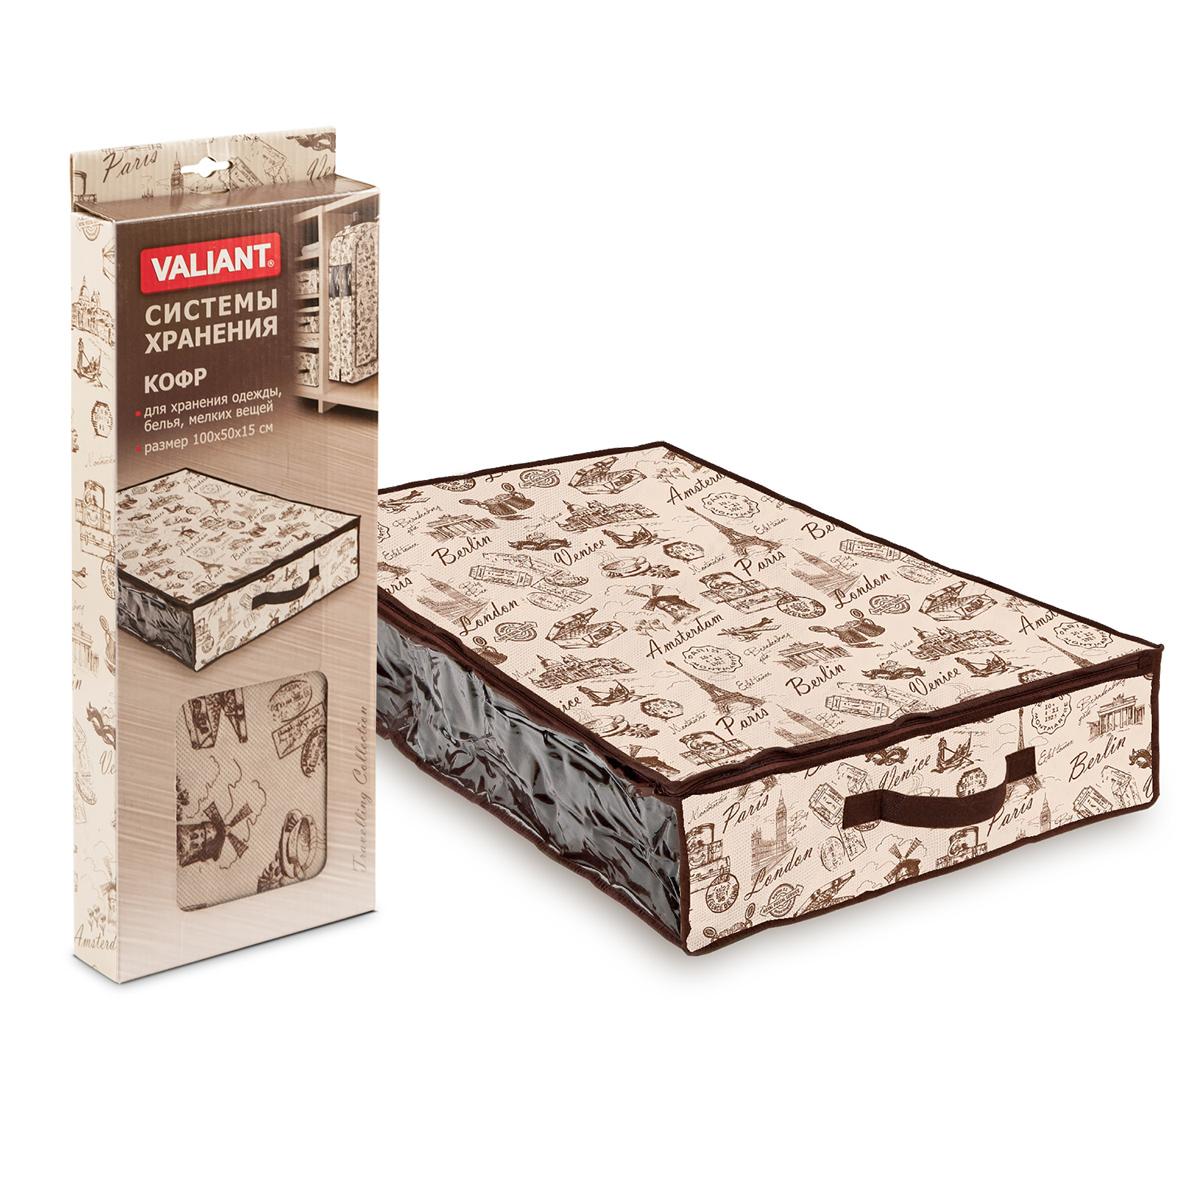 Кофр для хранения Valiant Travelling, 100 см х 50 см х 15 см коробки для хранения valiant кофр travelling photos 2 шт